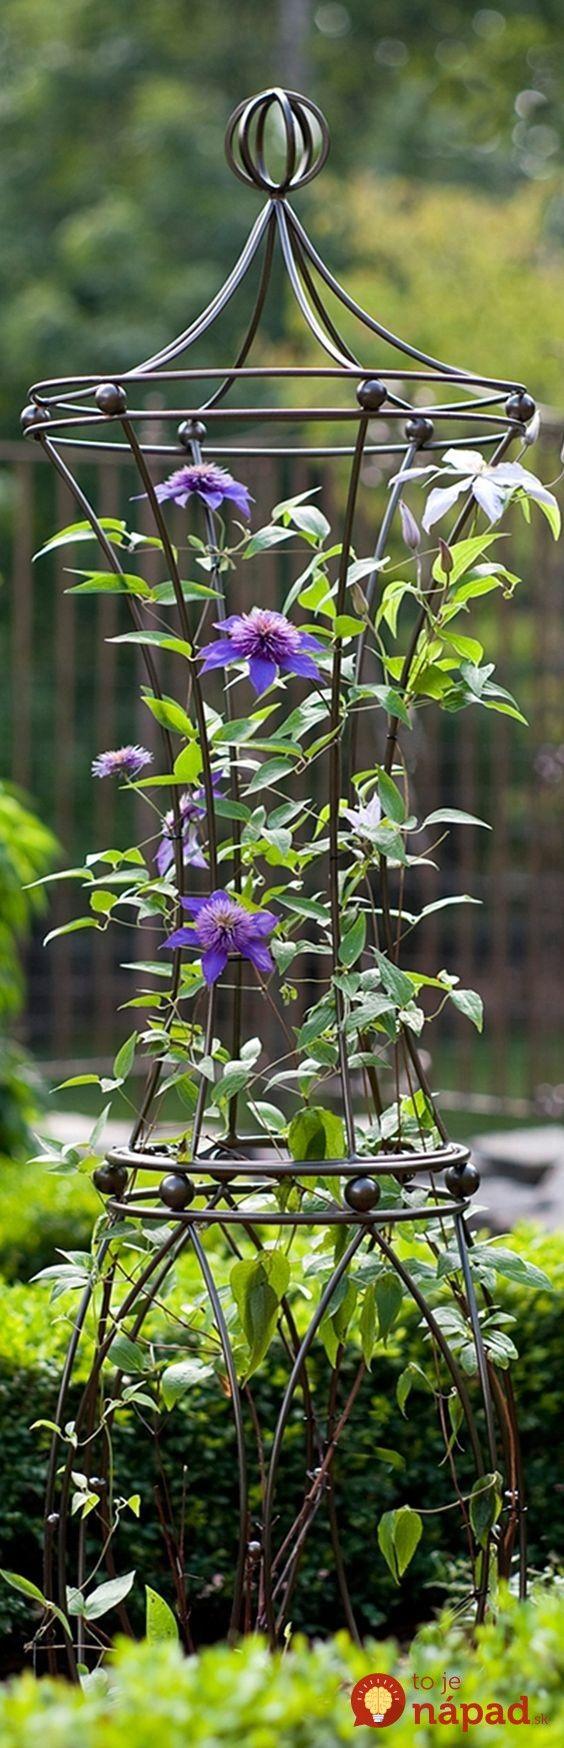 Krásne nápady, vďaka ktorým popínavé rastliny vyniknú ešte viac! :-)